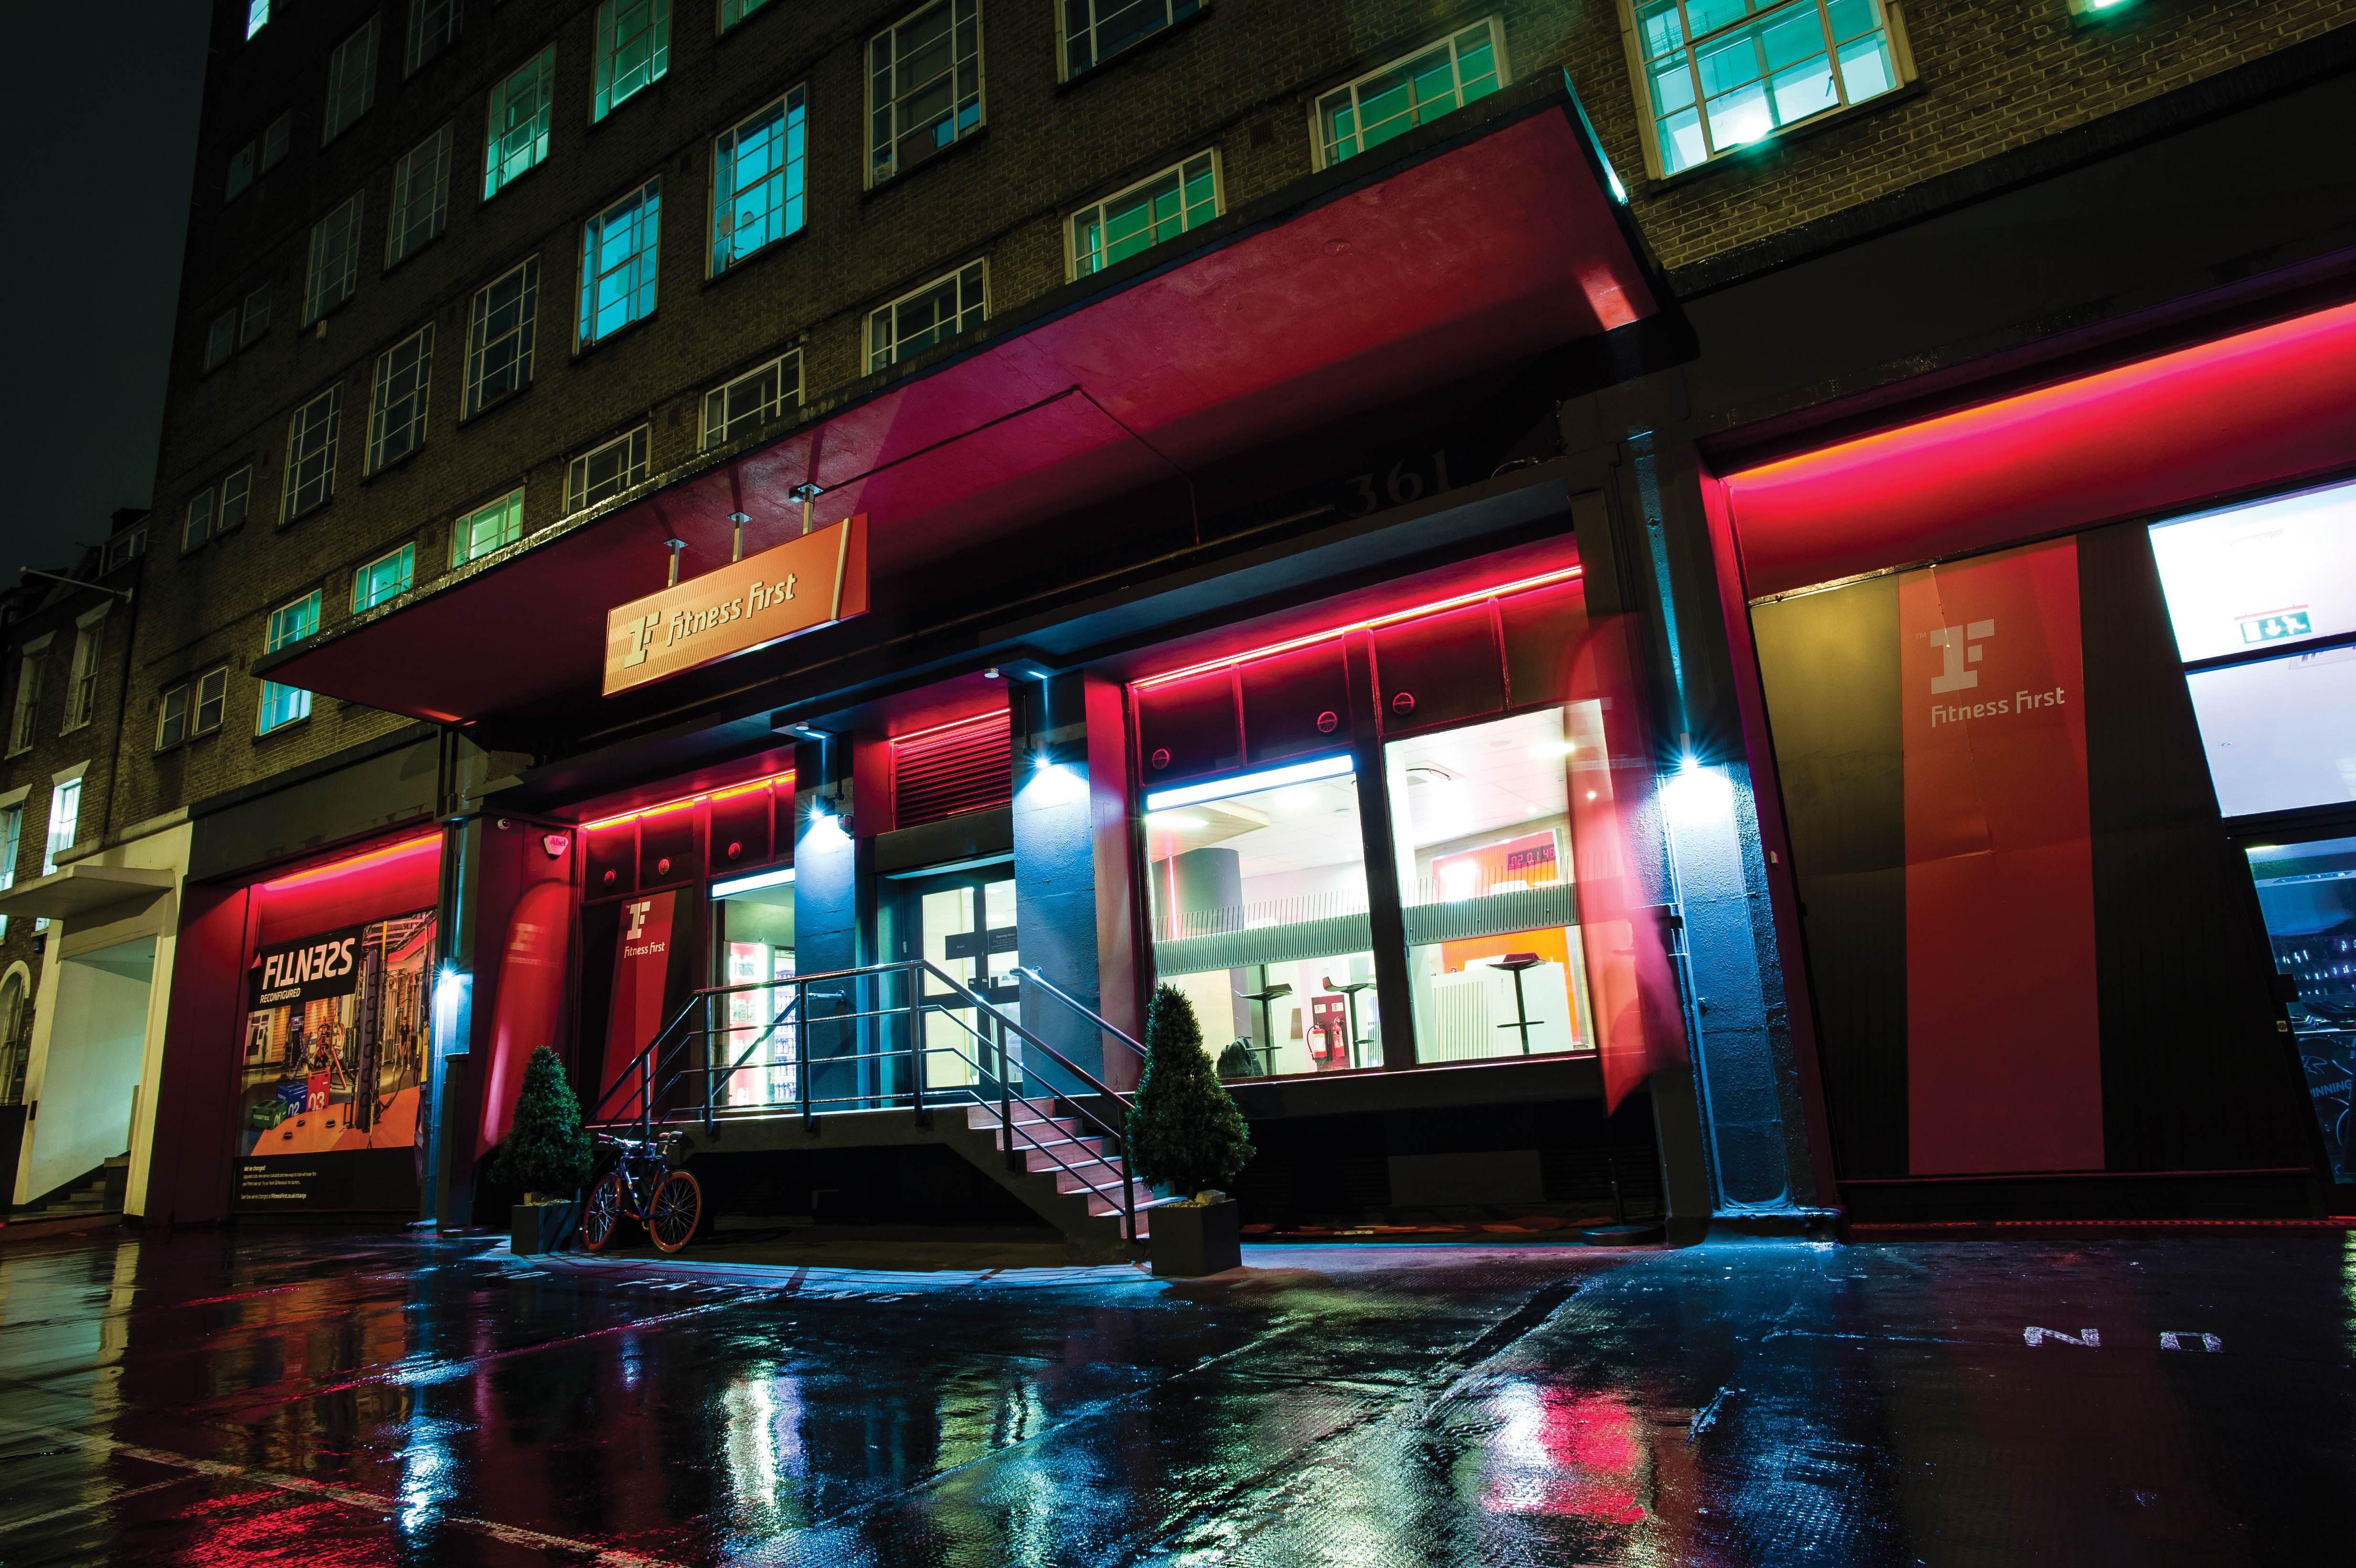 angels club københavn massage københavn thai